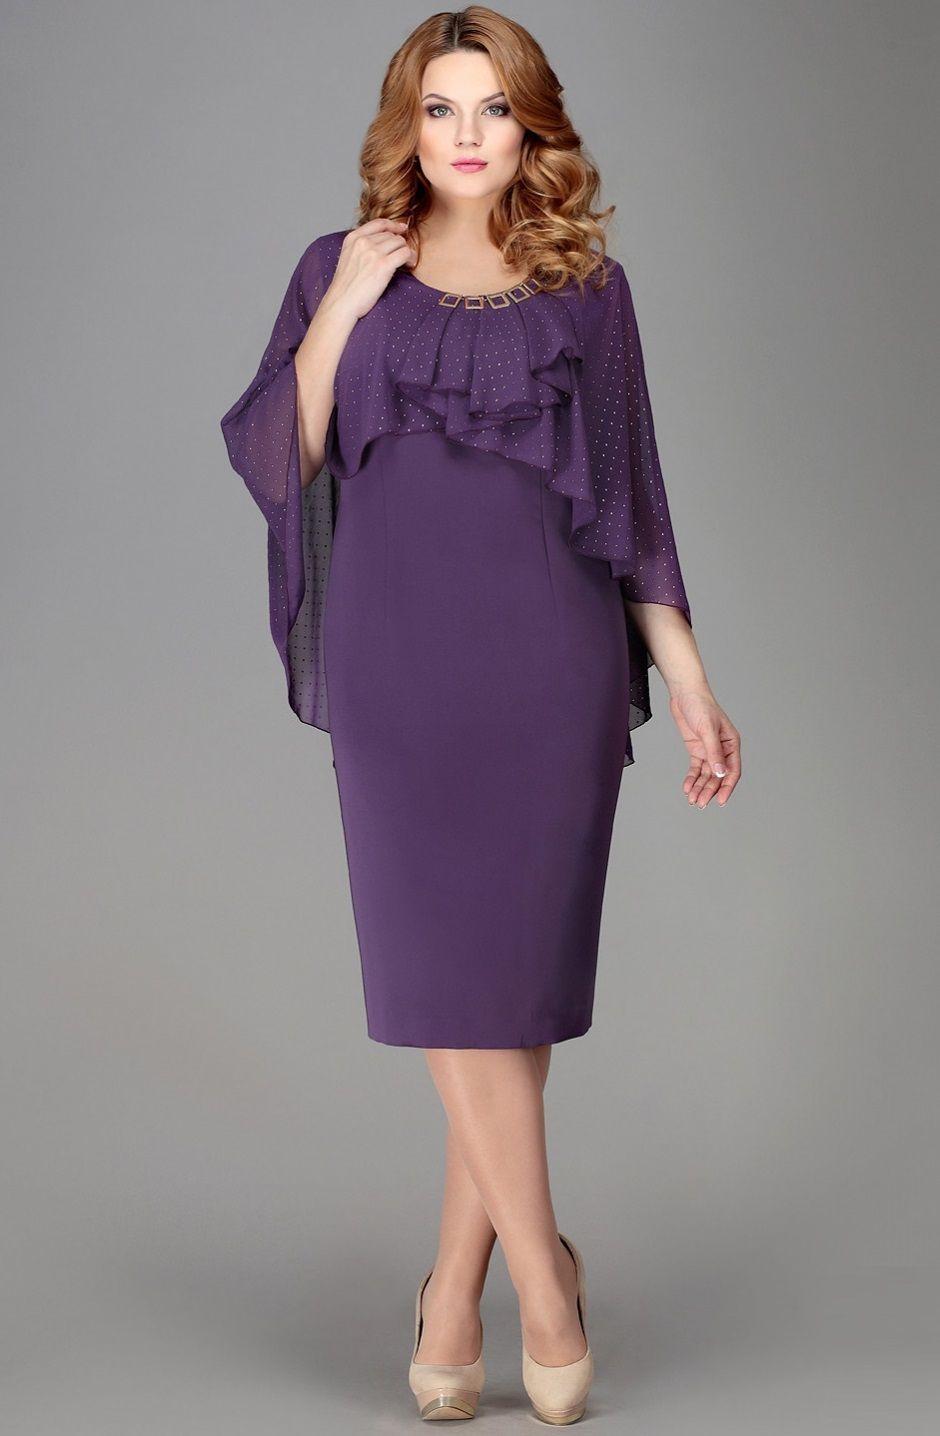 Платье большого размера | Mamá Novia - Gorditas | Pinterest ...